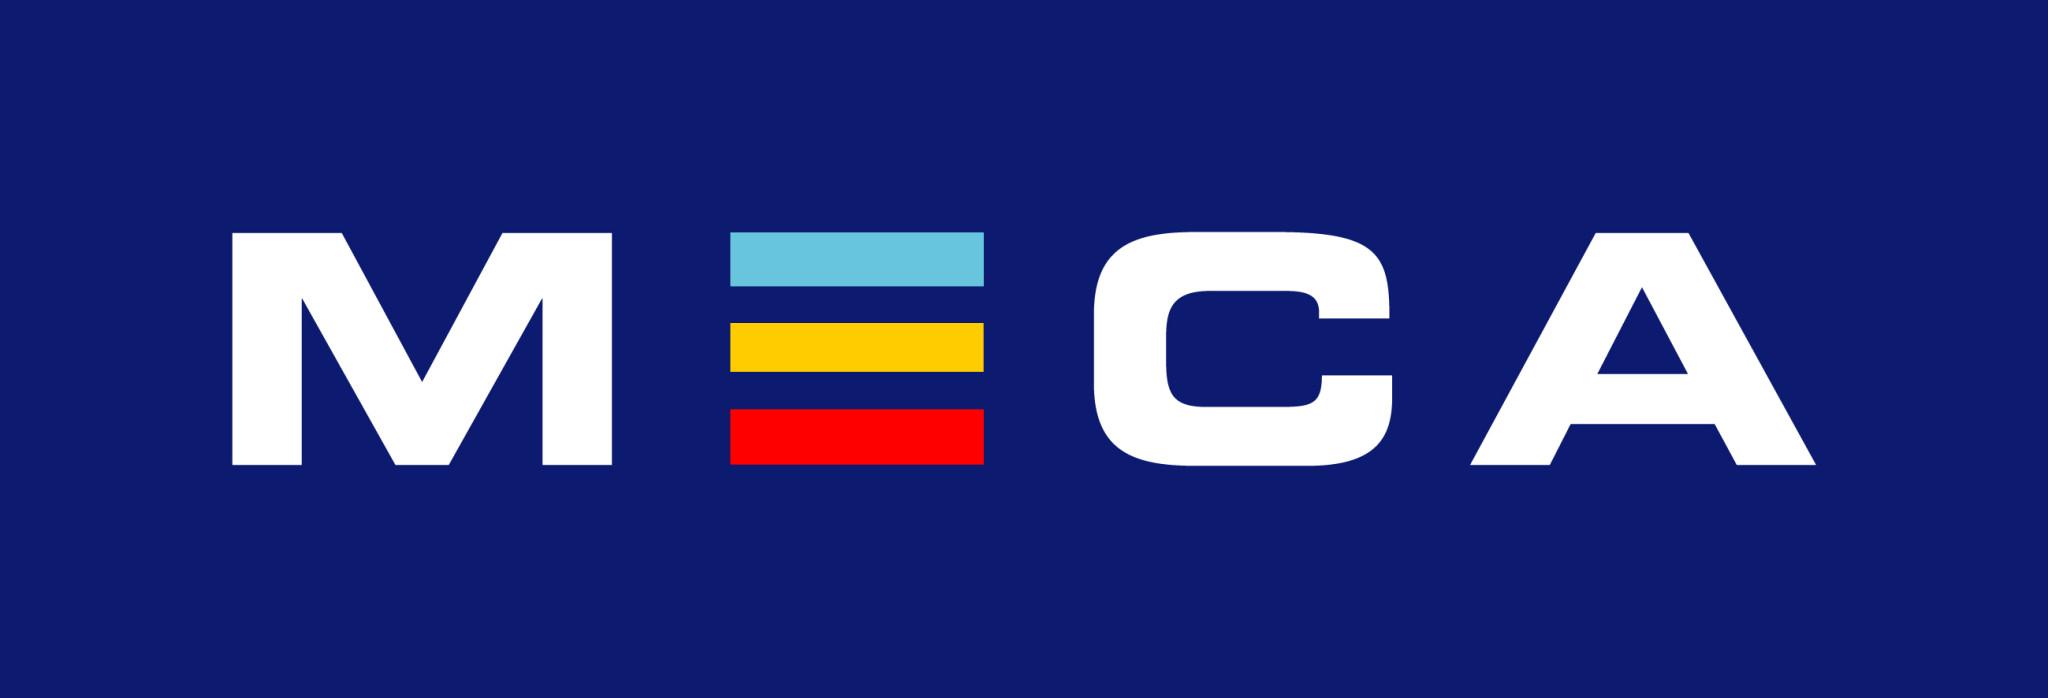 Carcenter Group i Stockholm AB - MECA logo